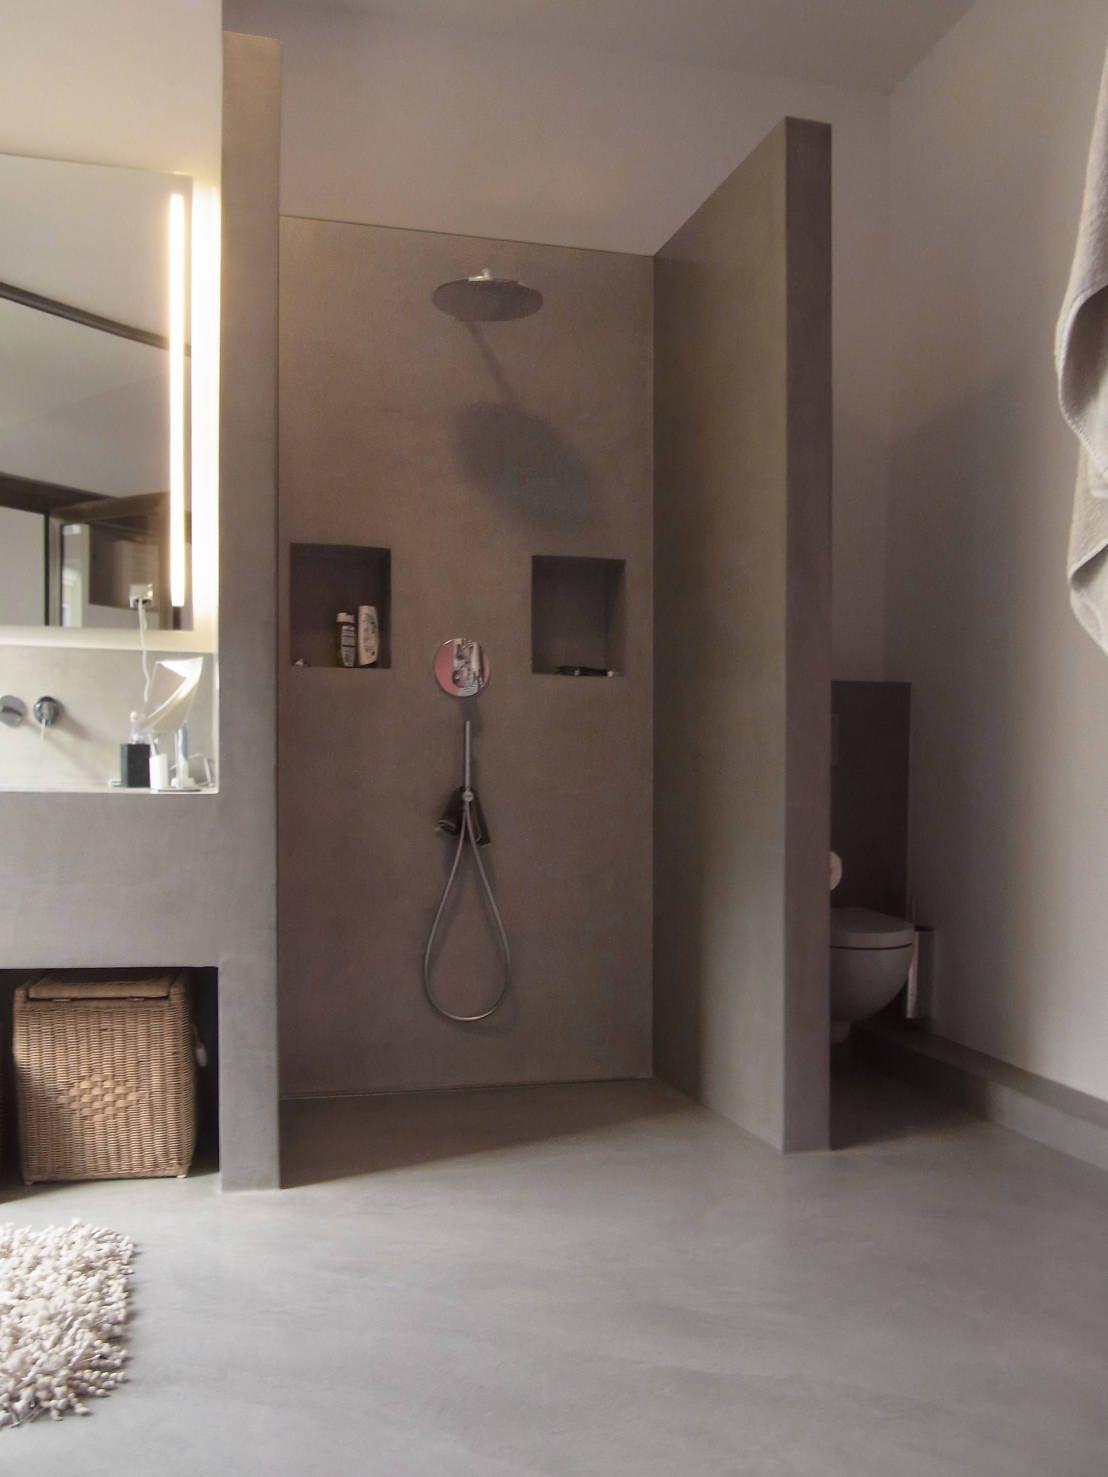 Warum eine dusche cooler ist als eine badewanne for Badezimmereinrichtungen ideen